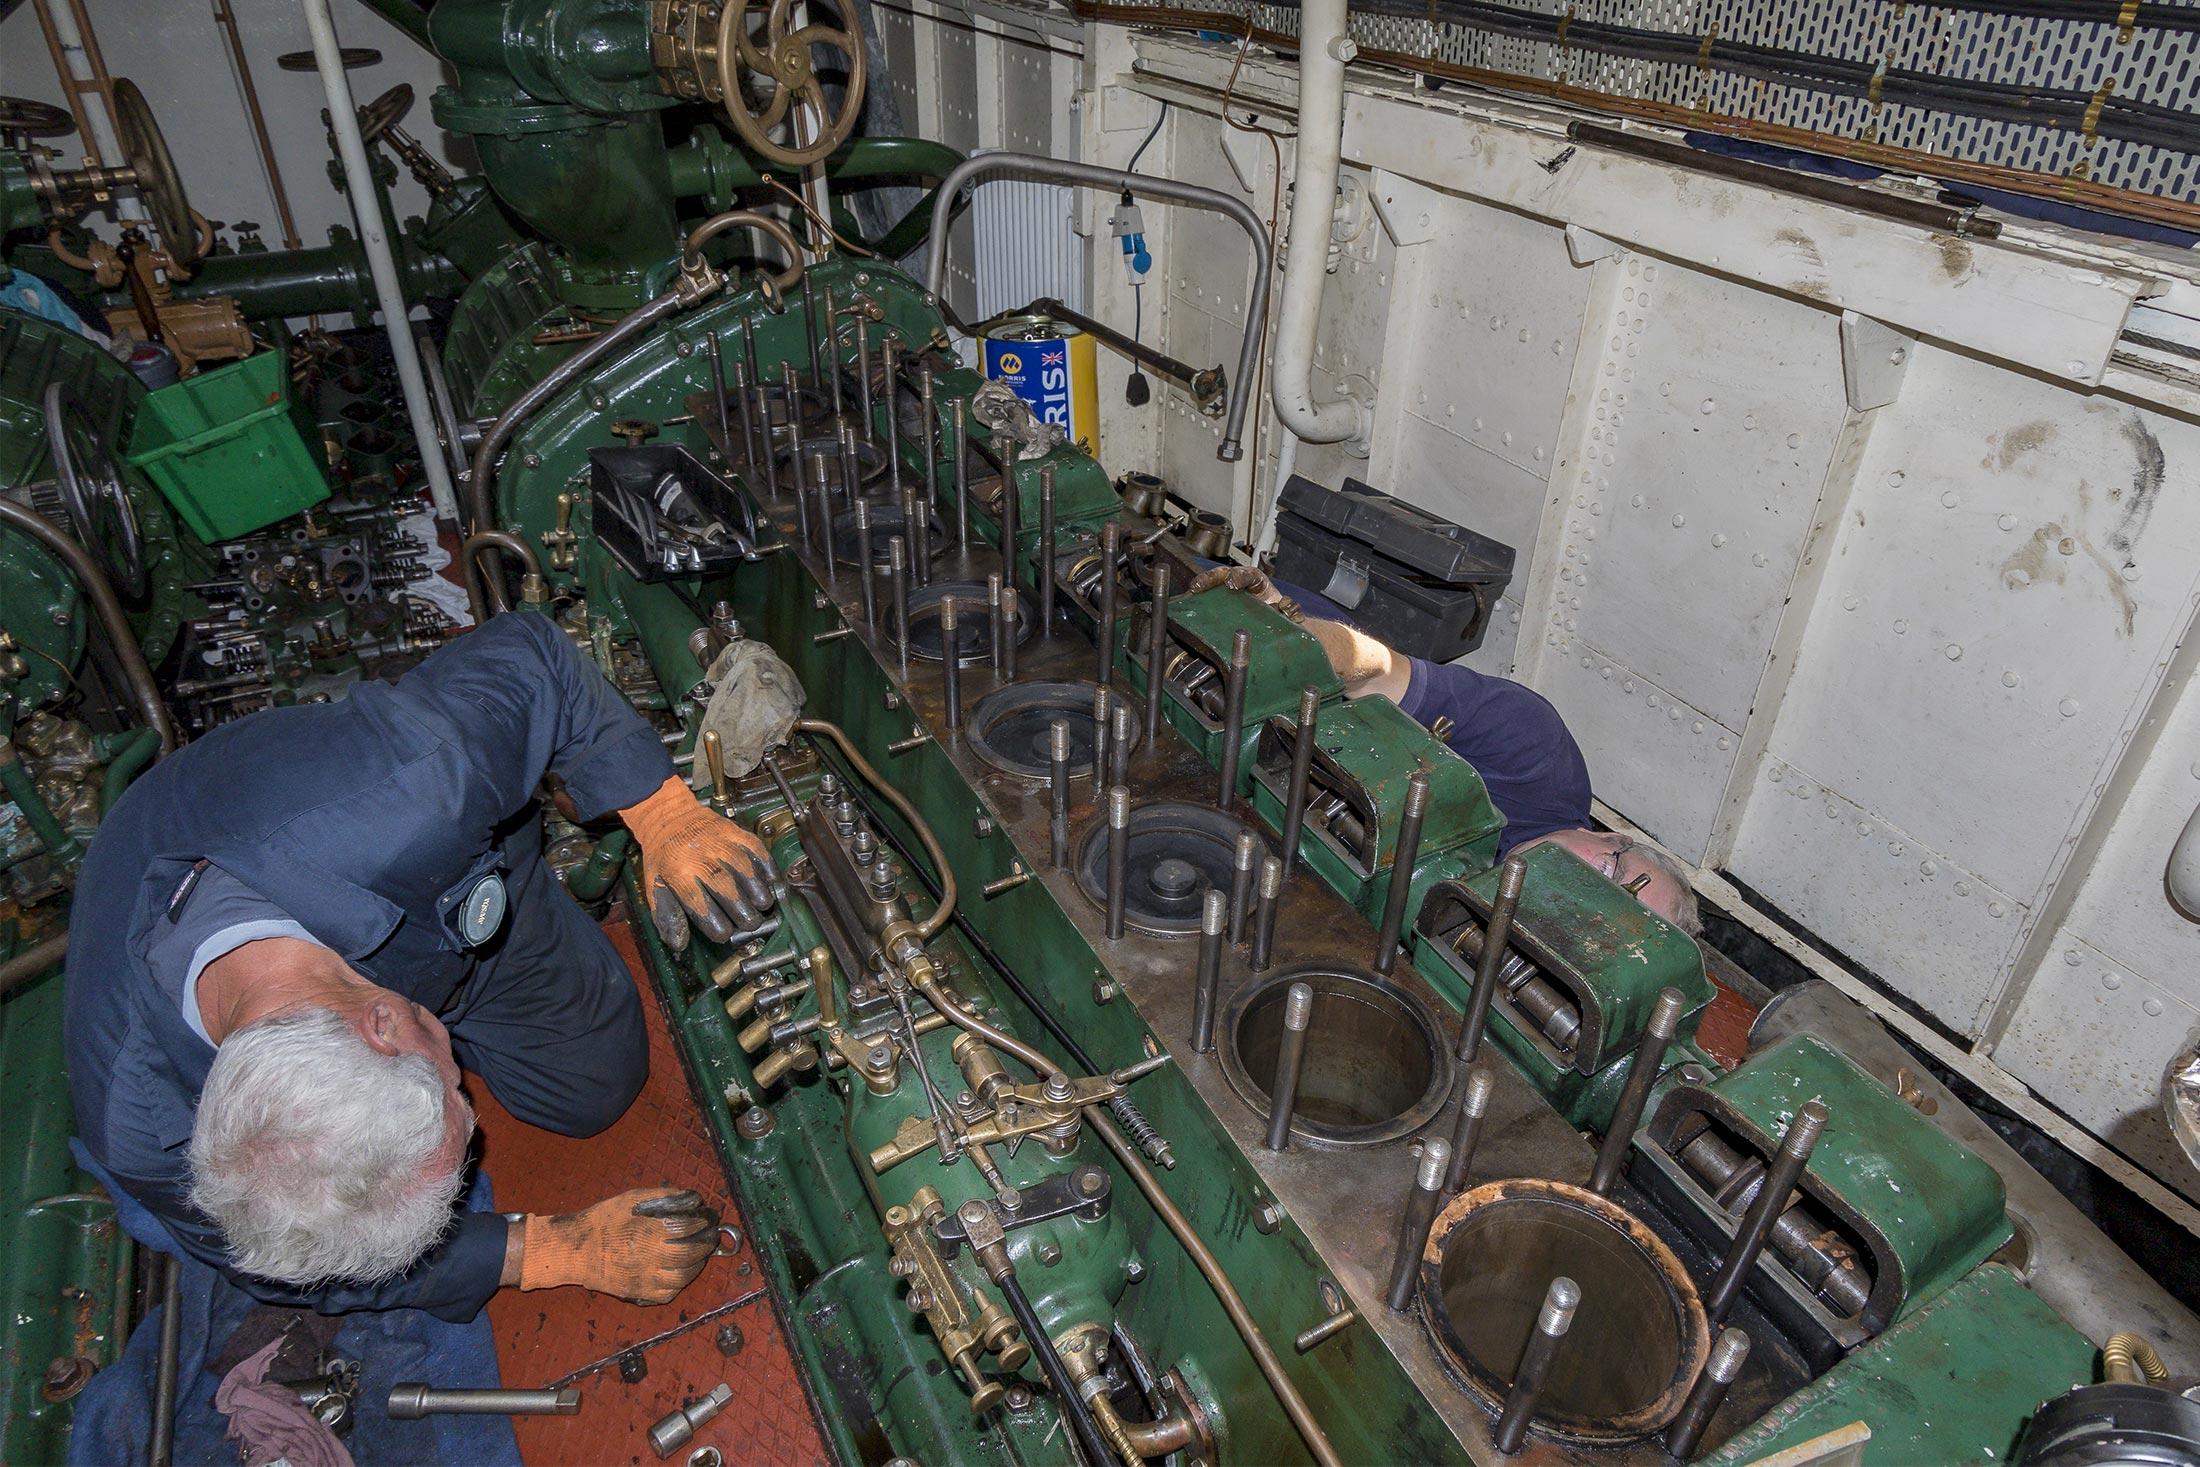 Engine repair fundraiser